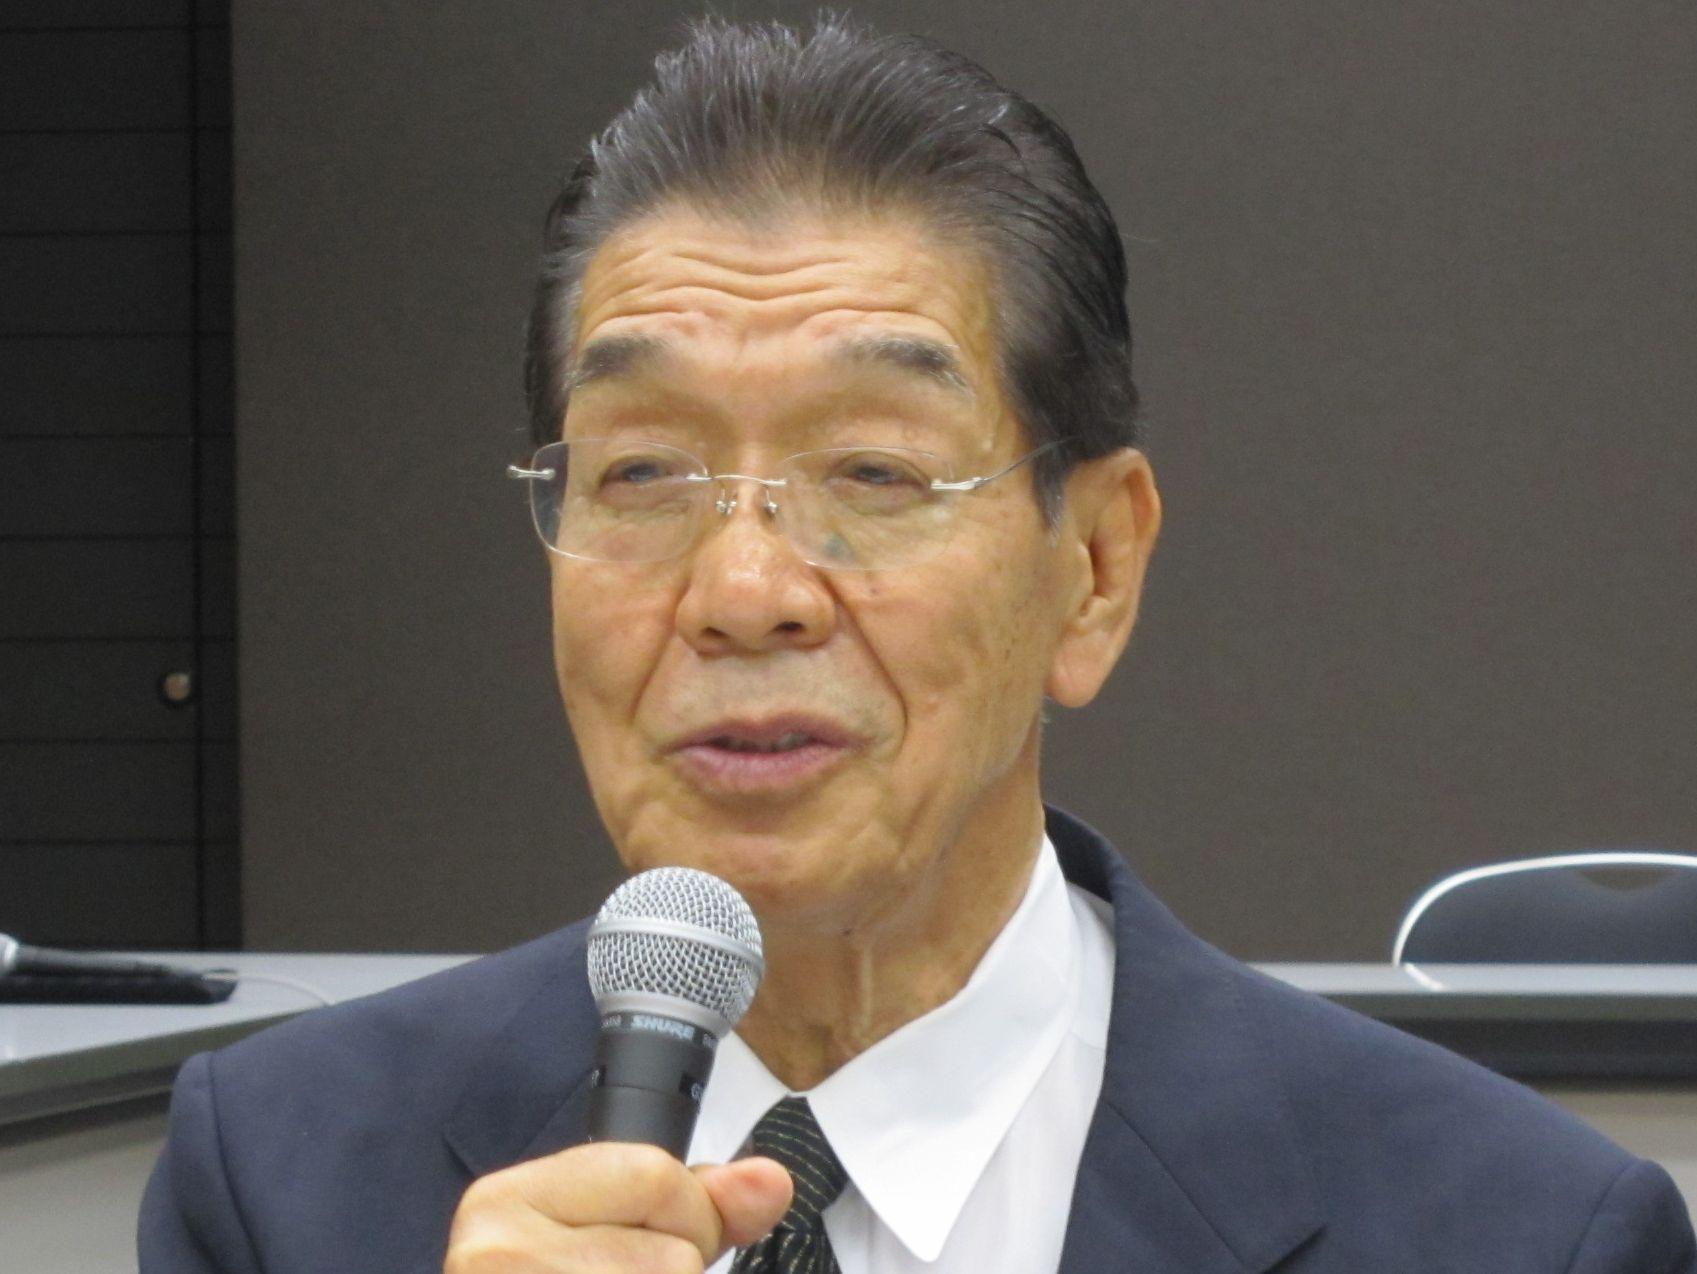 7月11日の理事会終了後に、記者会見に臨んだ日本専門医機構の吉村博邦理事長